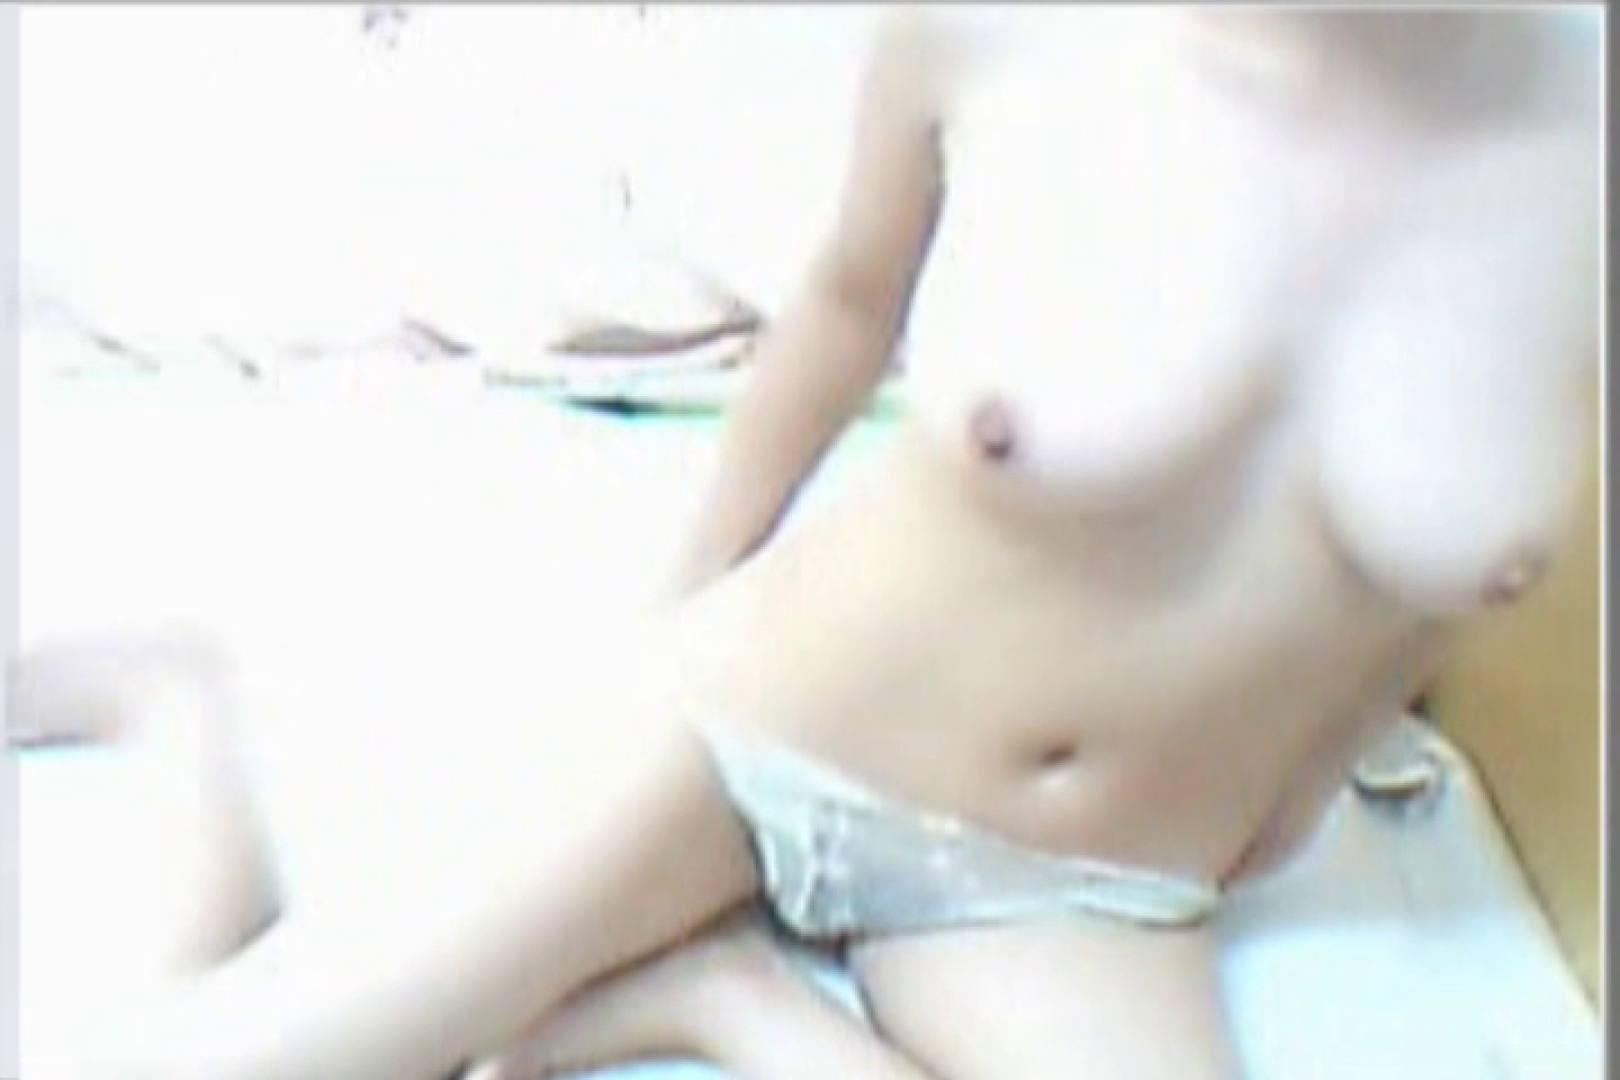 コリアン素人流出シリーズ 美人ライブチャットオナニー 素人 | オナニー特集  66画像 18